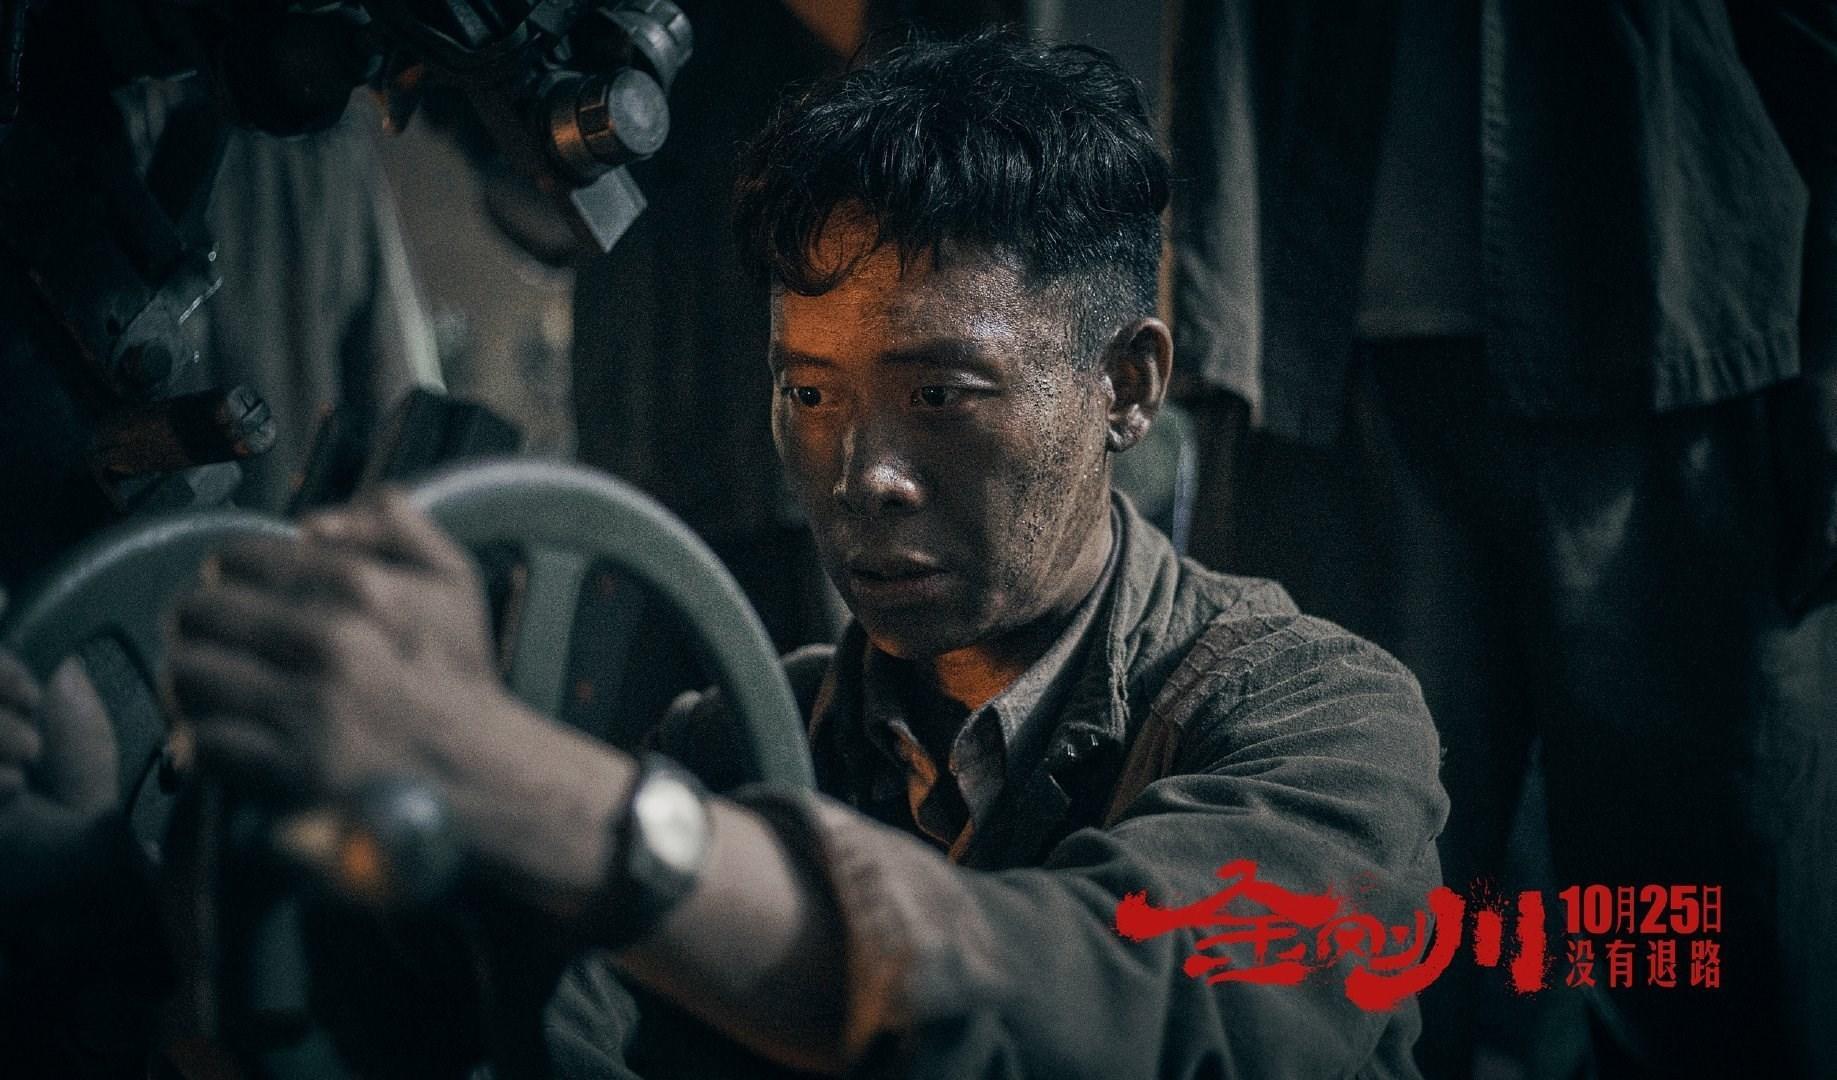 《金剛川》口碑炸裂, 首映9.4分, 鄧超出場僅5分鐘卻笑倒一片-圖2